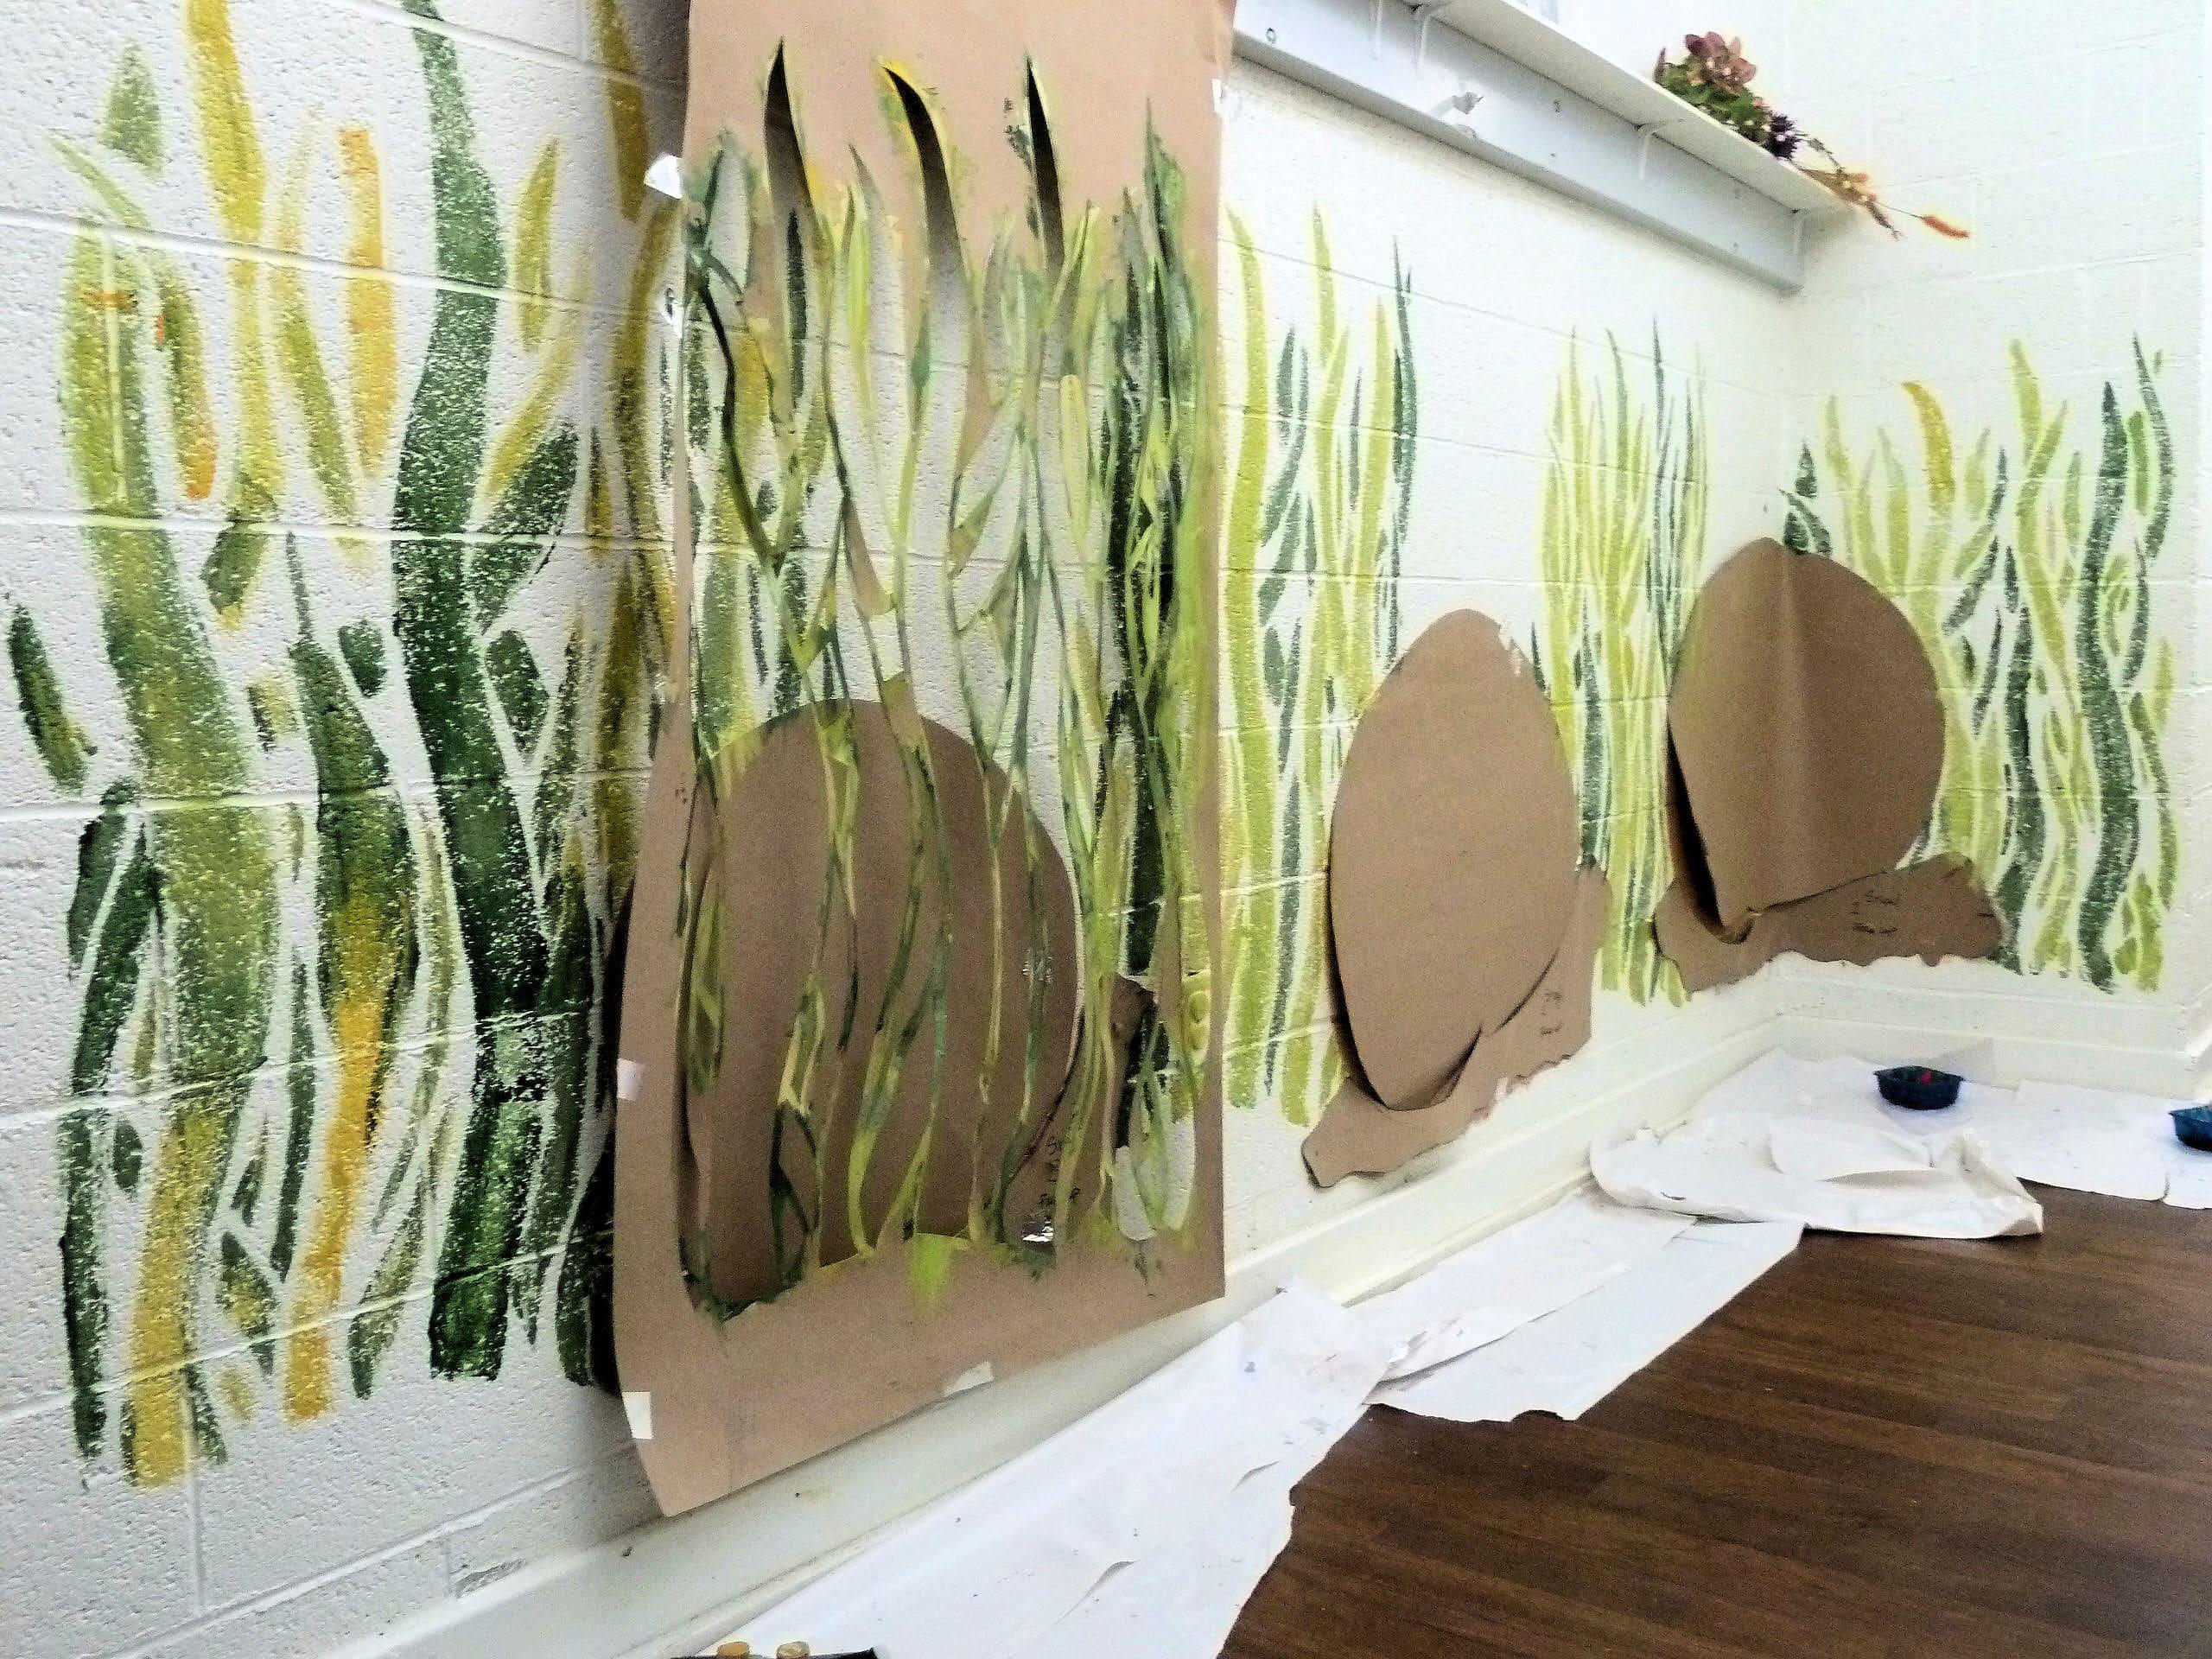 Snail Mural SJECC July 2011 (109)-min